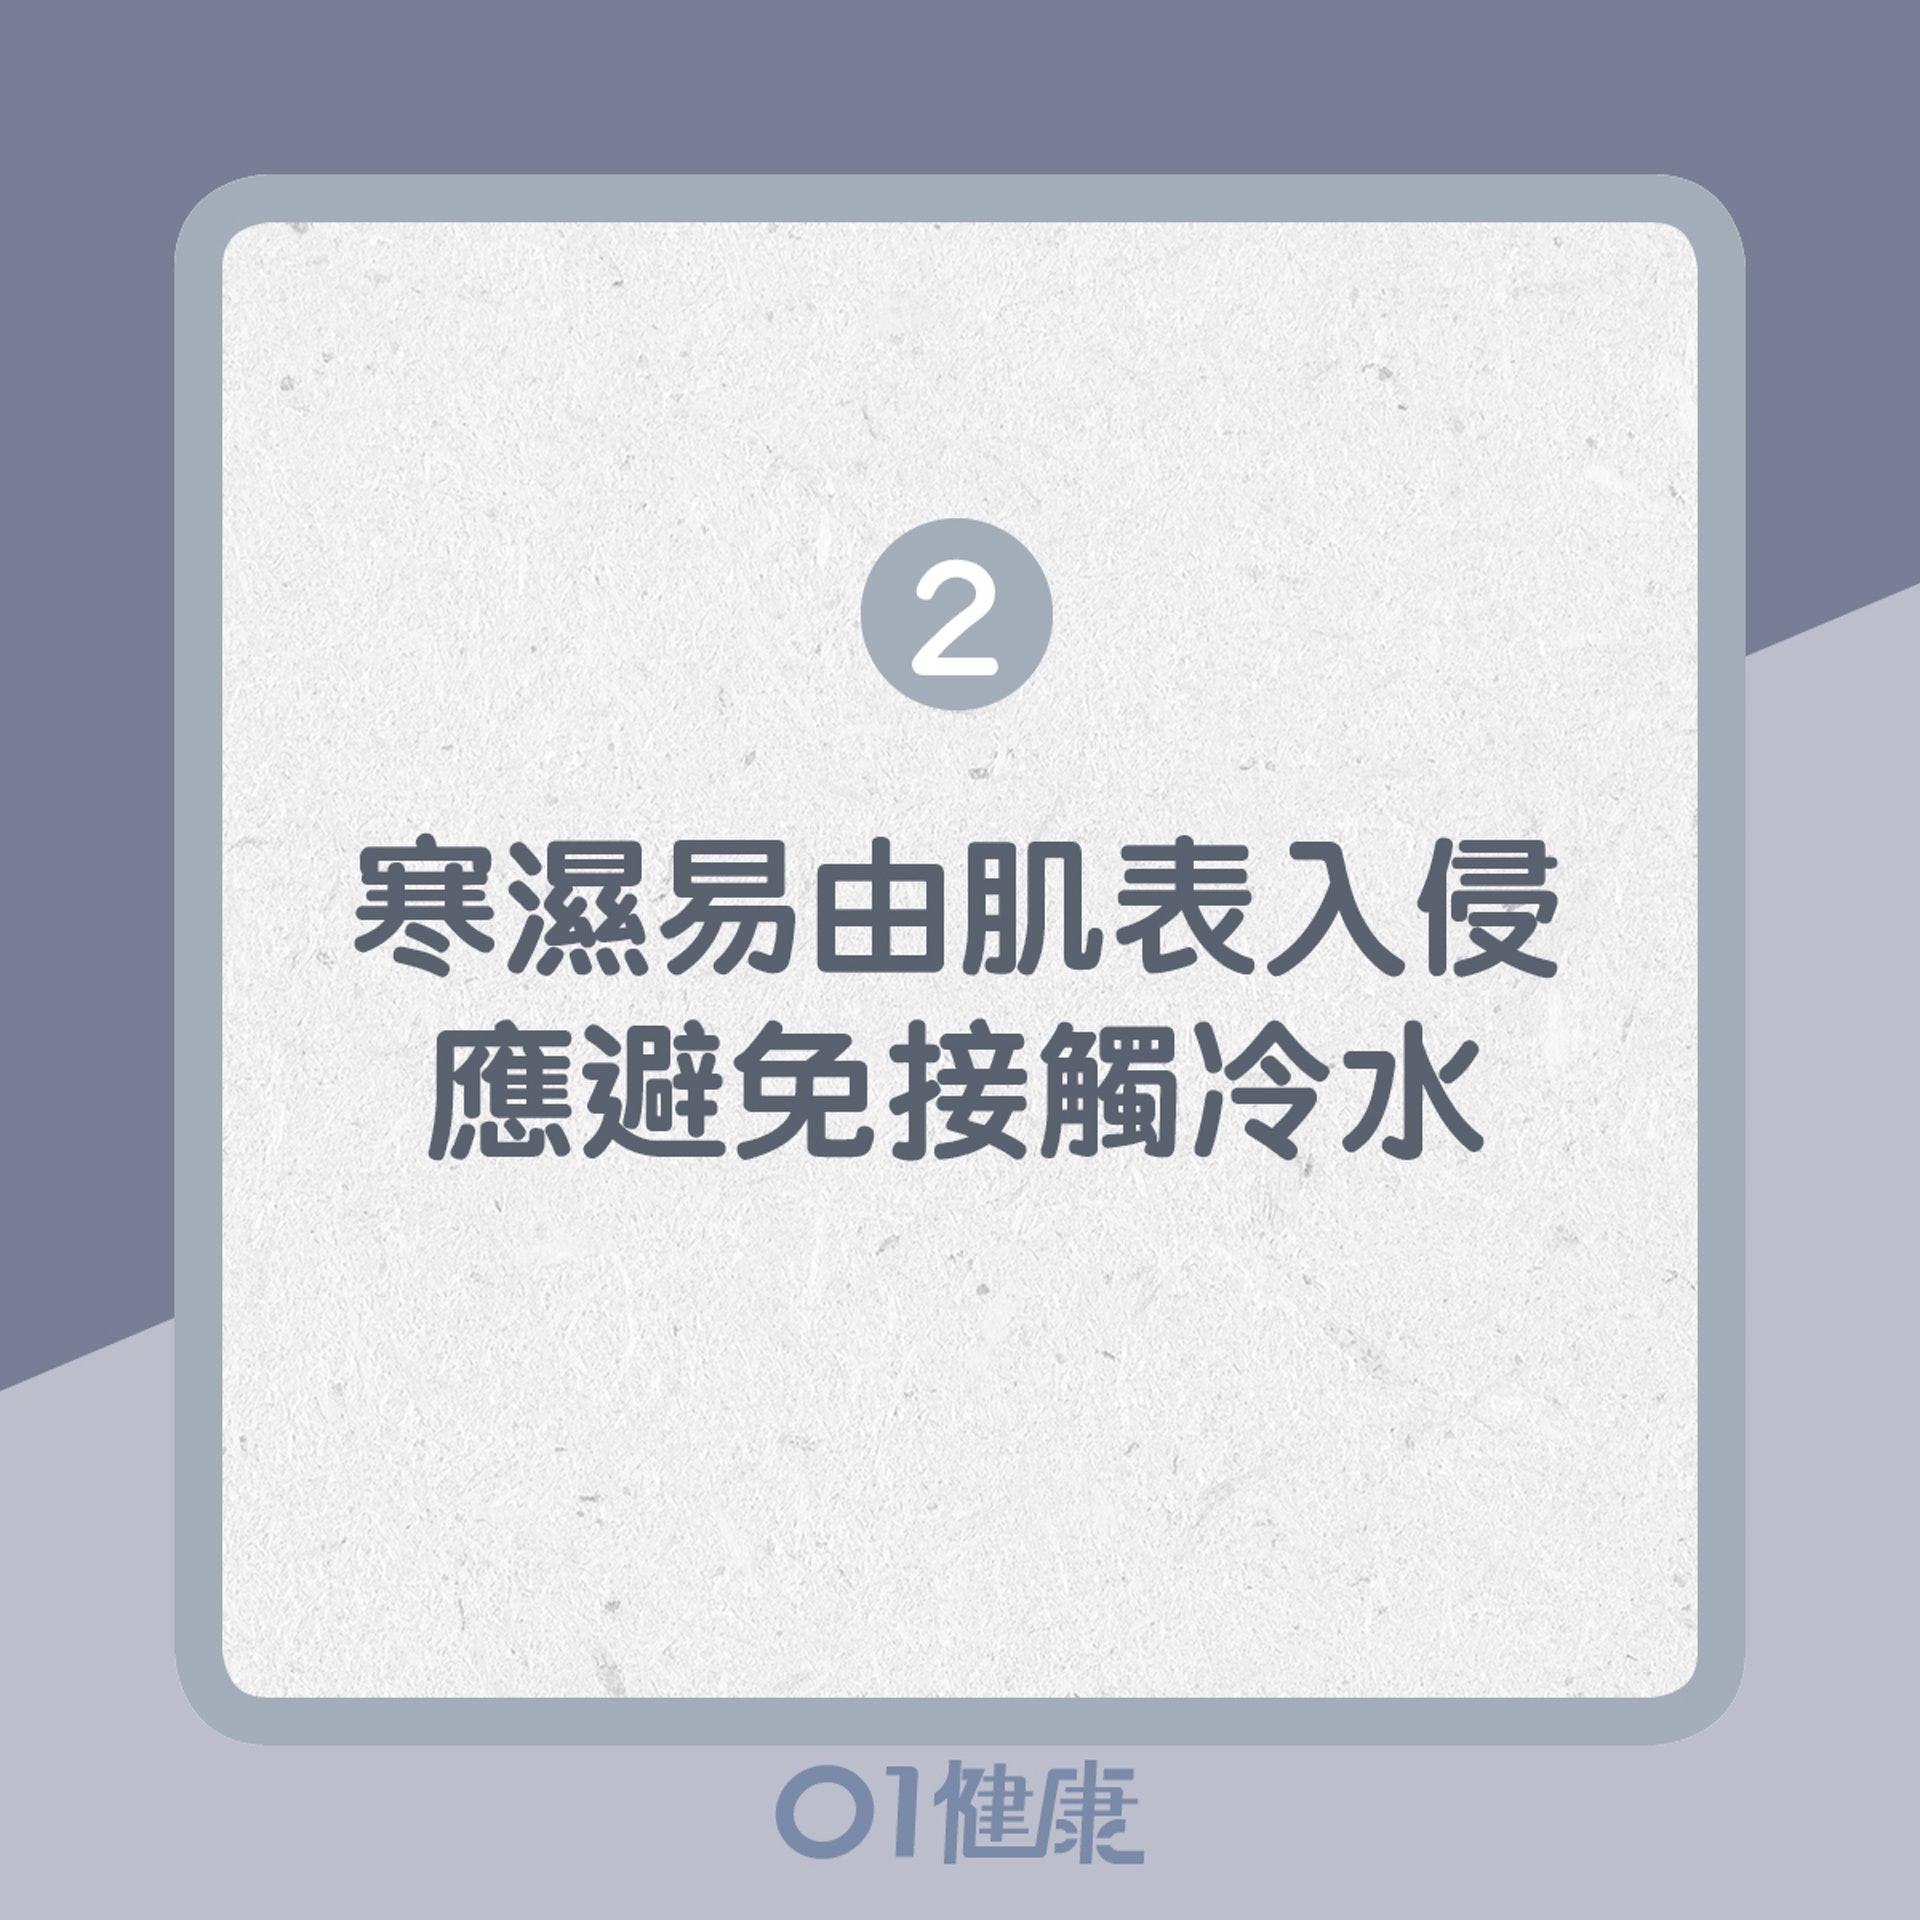 2. 寒濕易由肌表入侵,應避免接觸冷水(01製圖)